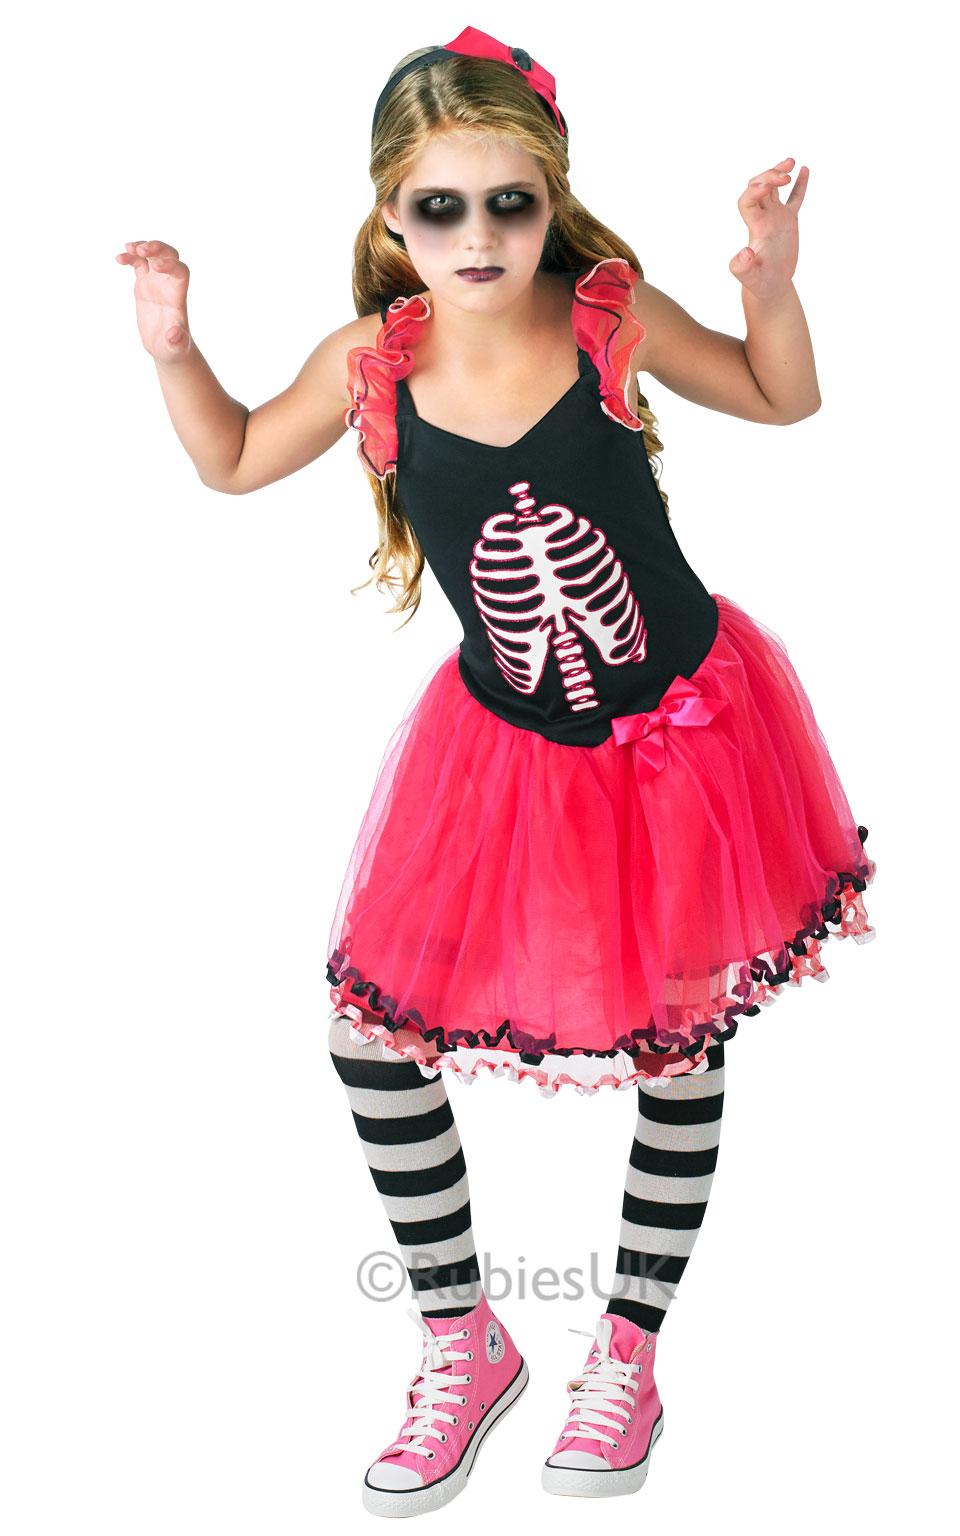 Niu00f1os Esqueleto Huesos Tutu Vestido De Disfraz CHILDS CHICAS Fiesta De Halloween Traje De ...